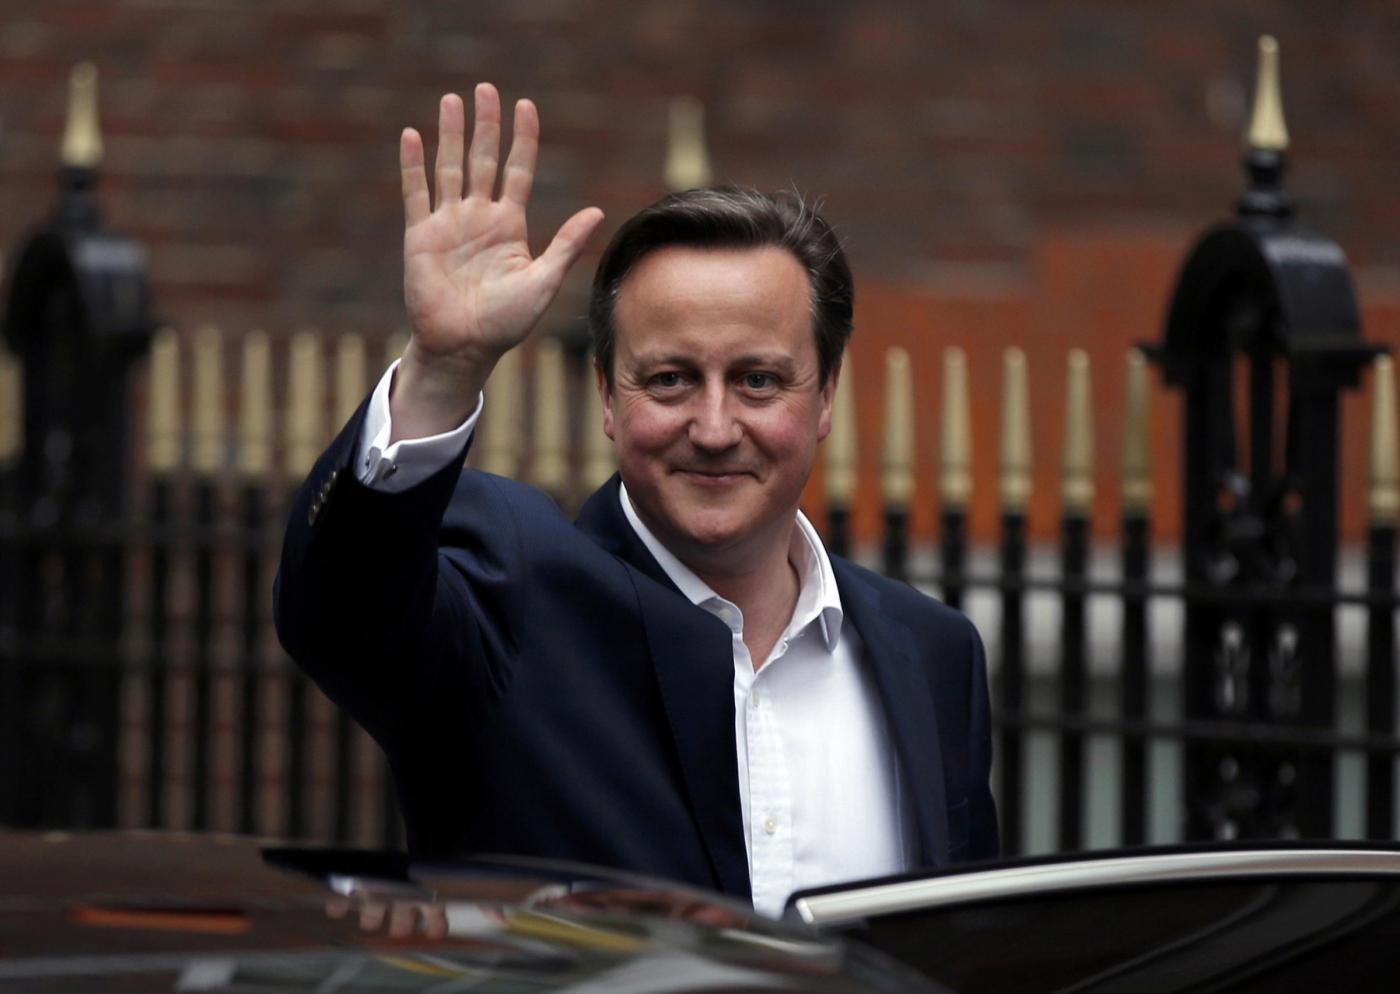 Elezioni Gran Bretagna 2015: David Cameron asfalta i Laburisti